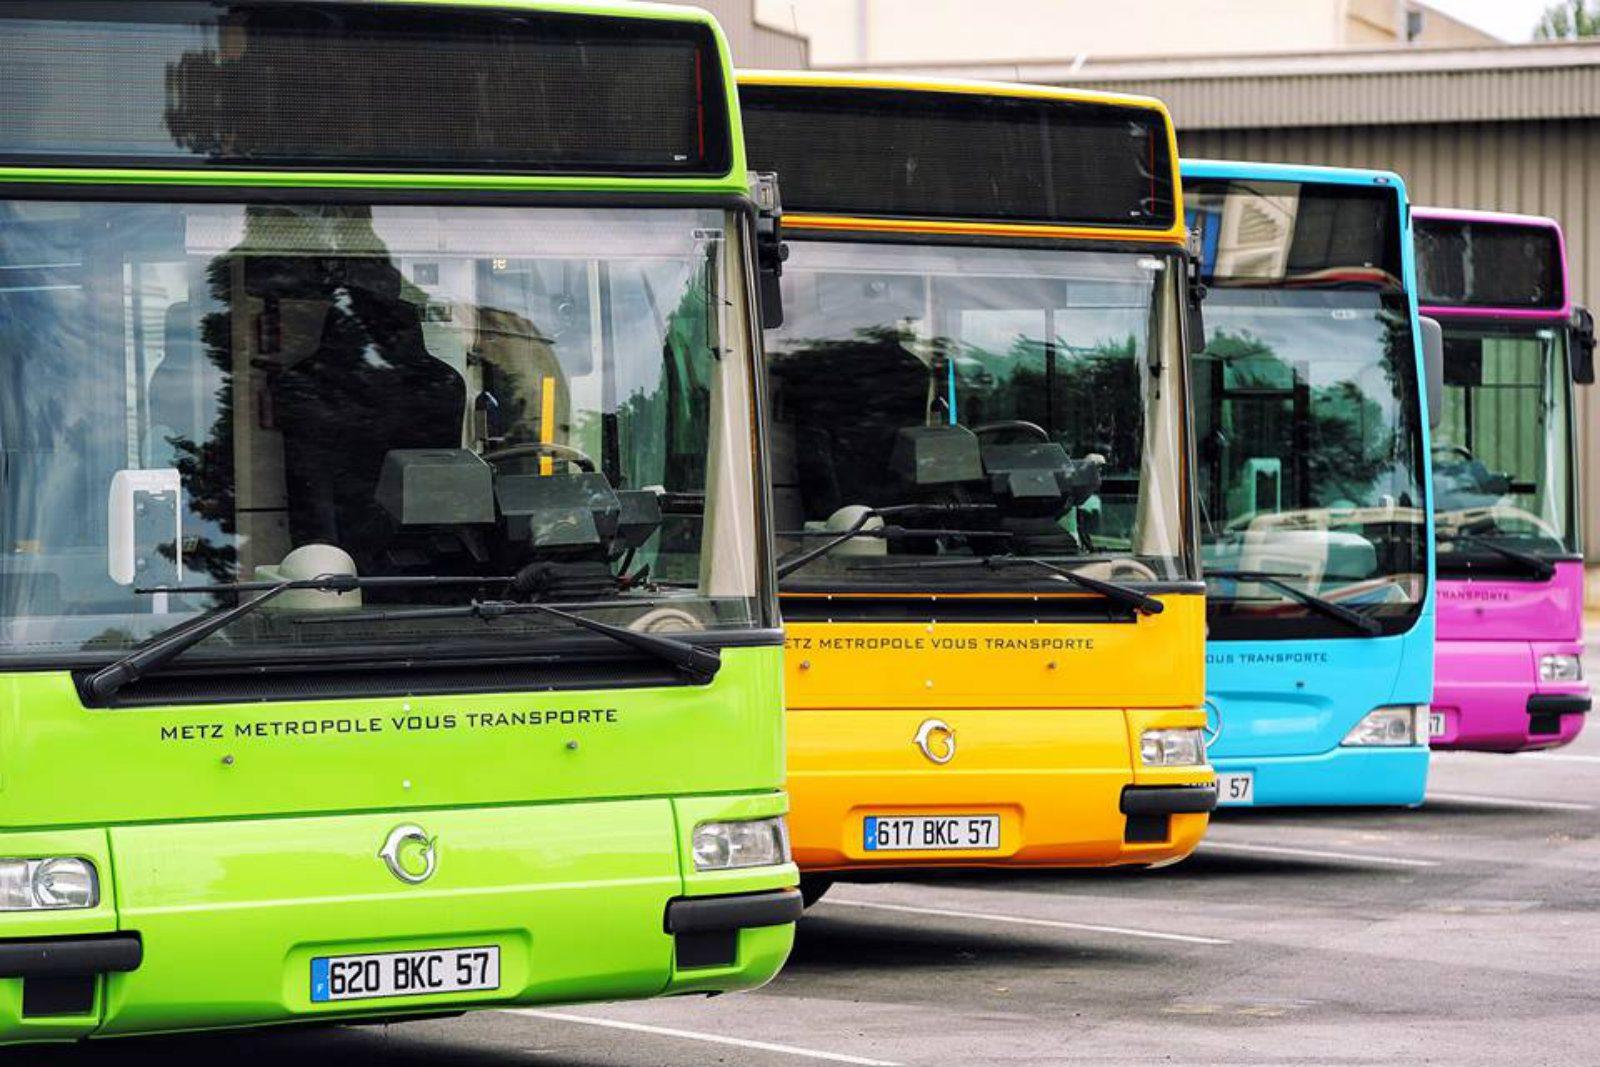 Grève des bus Le Met' le 9 avril : quelles perturbations à prévoir ?